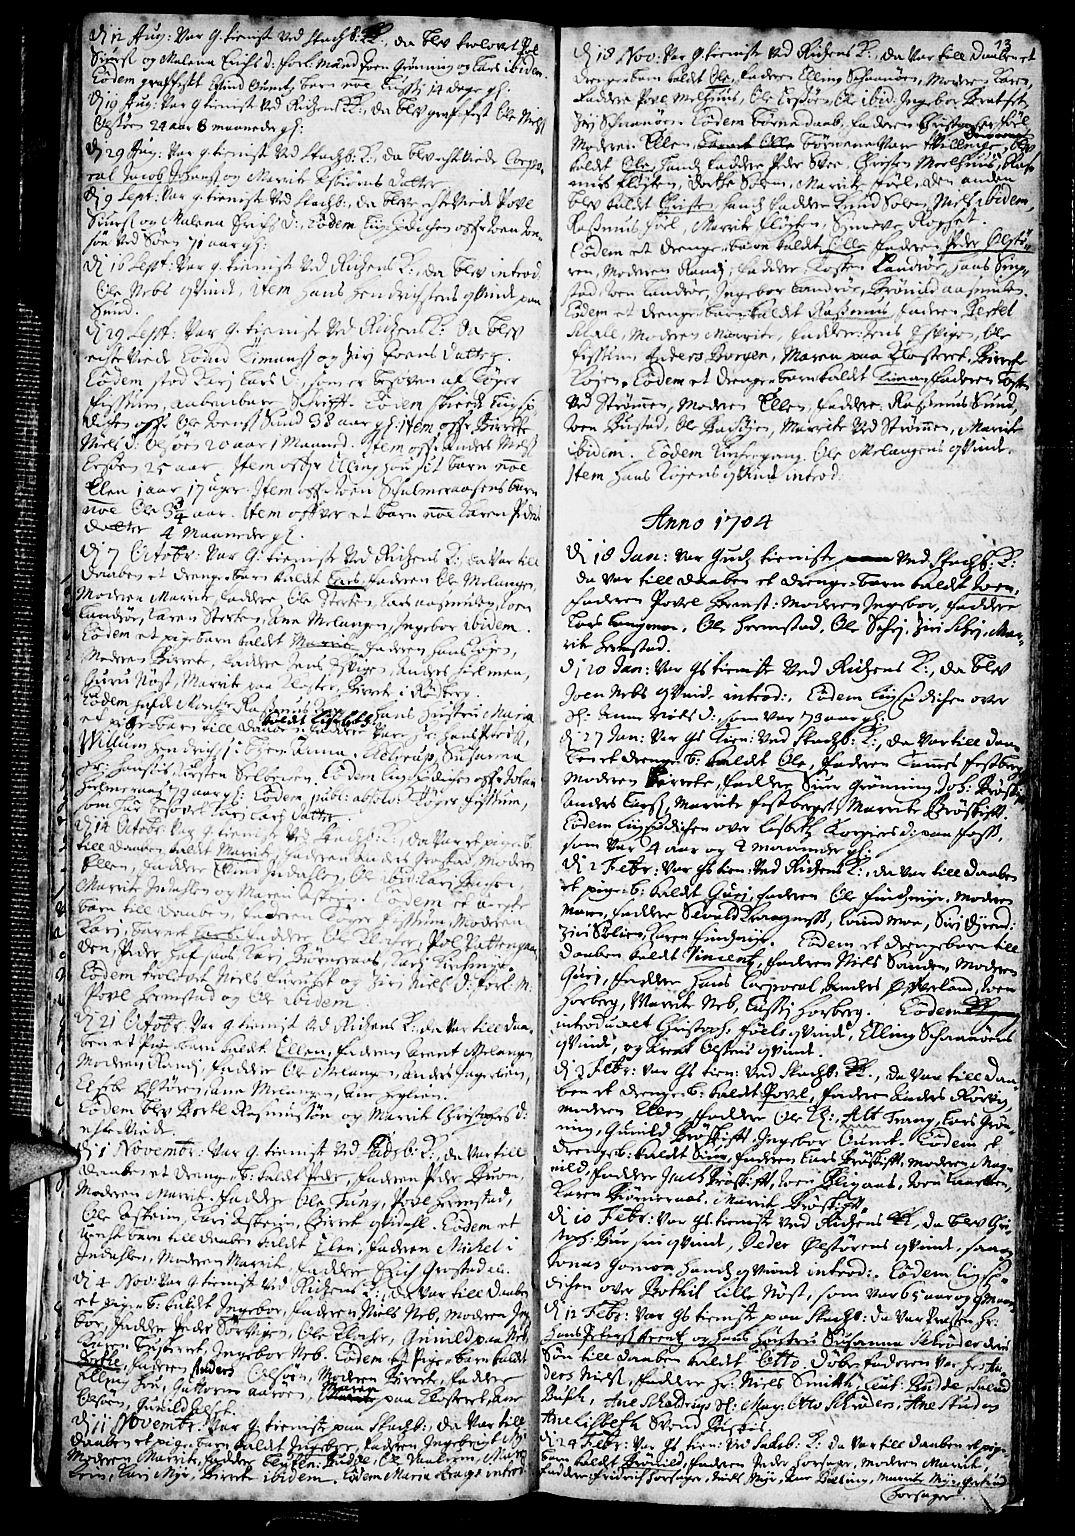 SAT, Ministerialprotokoller, klokkerbøker og fødselsregistre - Sør-Trøndelag, 646/L0603: Ministerialbok nr. 646A01, 1700-1734, s. 13